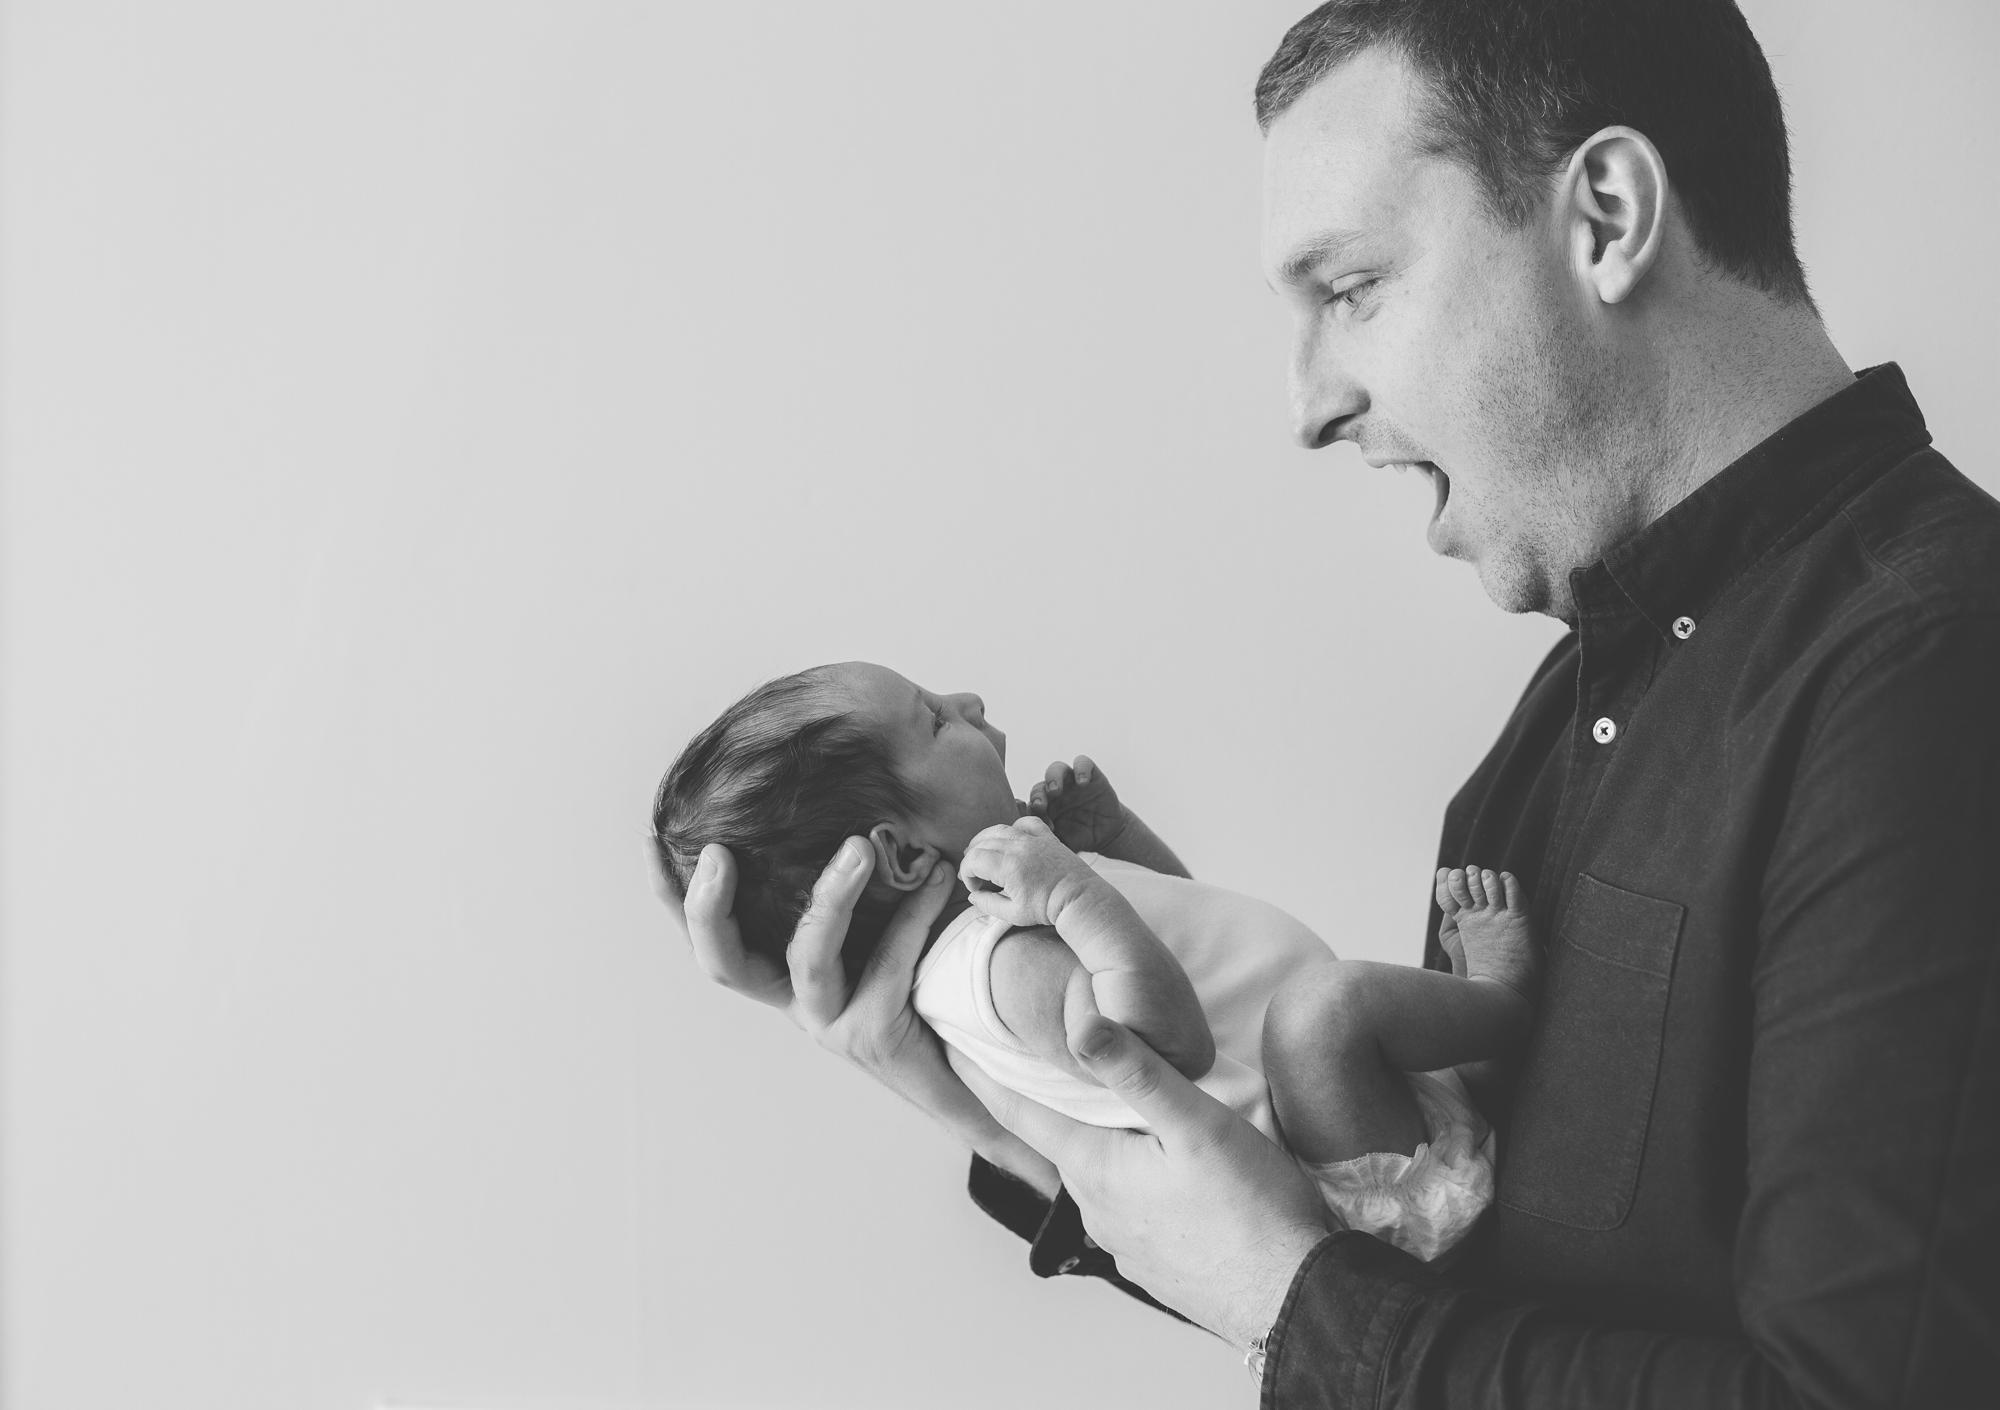 newborn photography in Aberdeen, aberdeen newborn photographer, aberdeen newborn photography, baby photographer in Aberdeen, Aberdeenshire baby photographer, family photographer Aberdeen, family photography Aberdeenshire